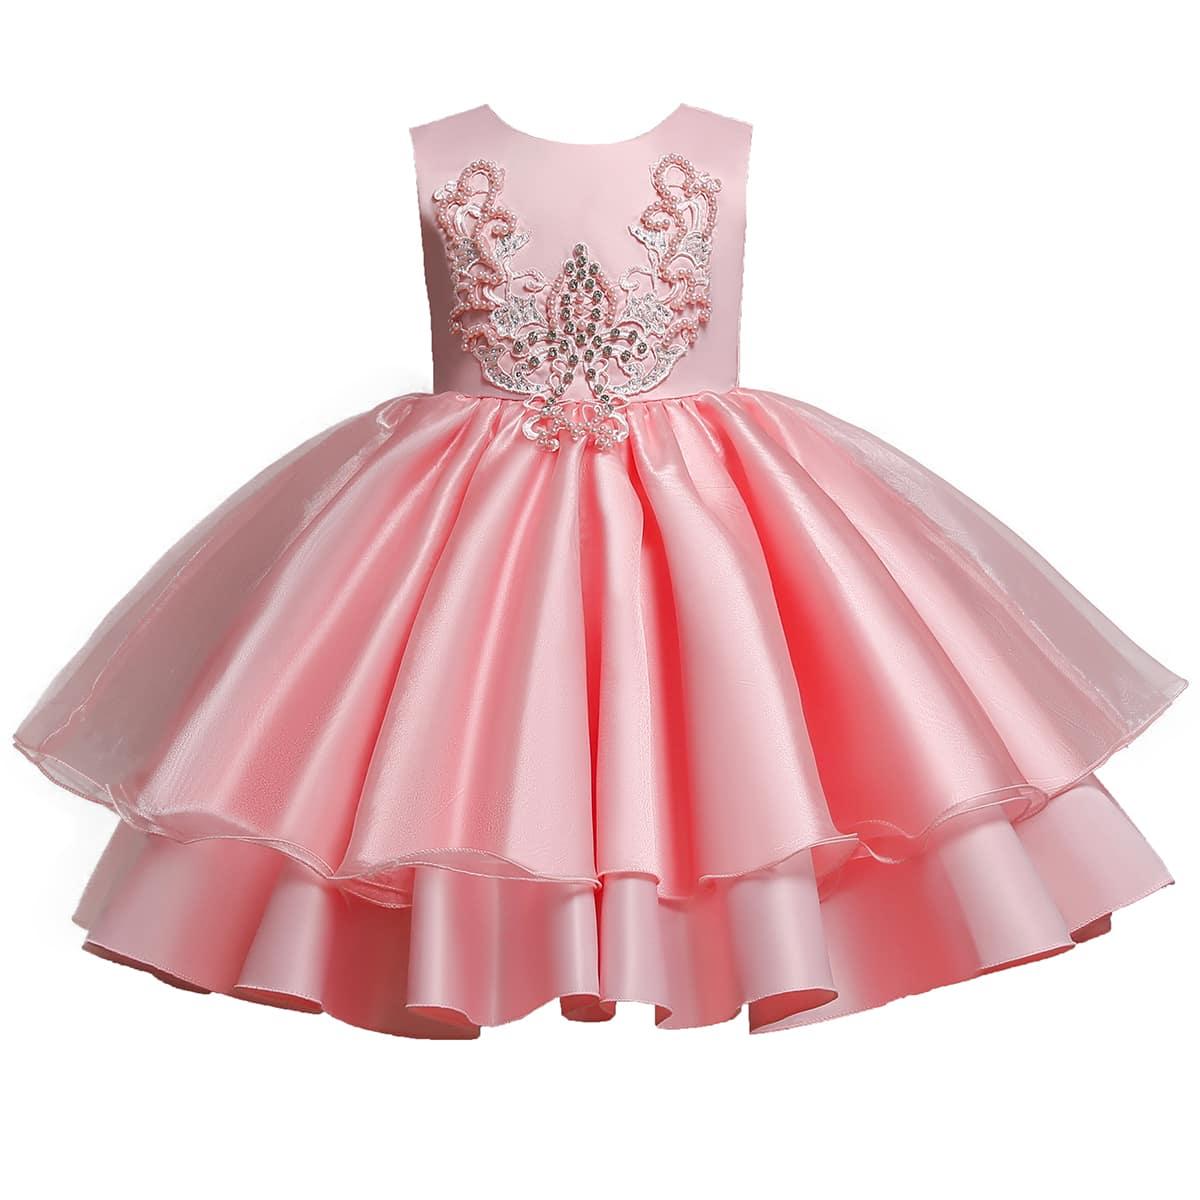 Многослойное платье со стразами для девочек